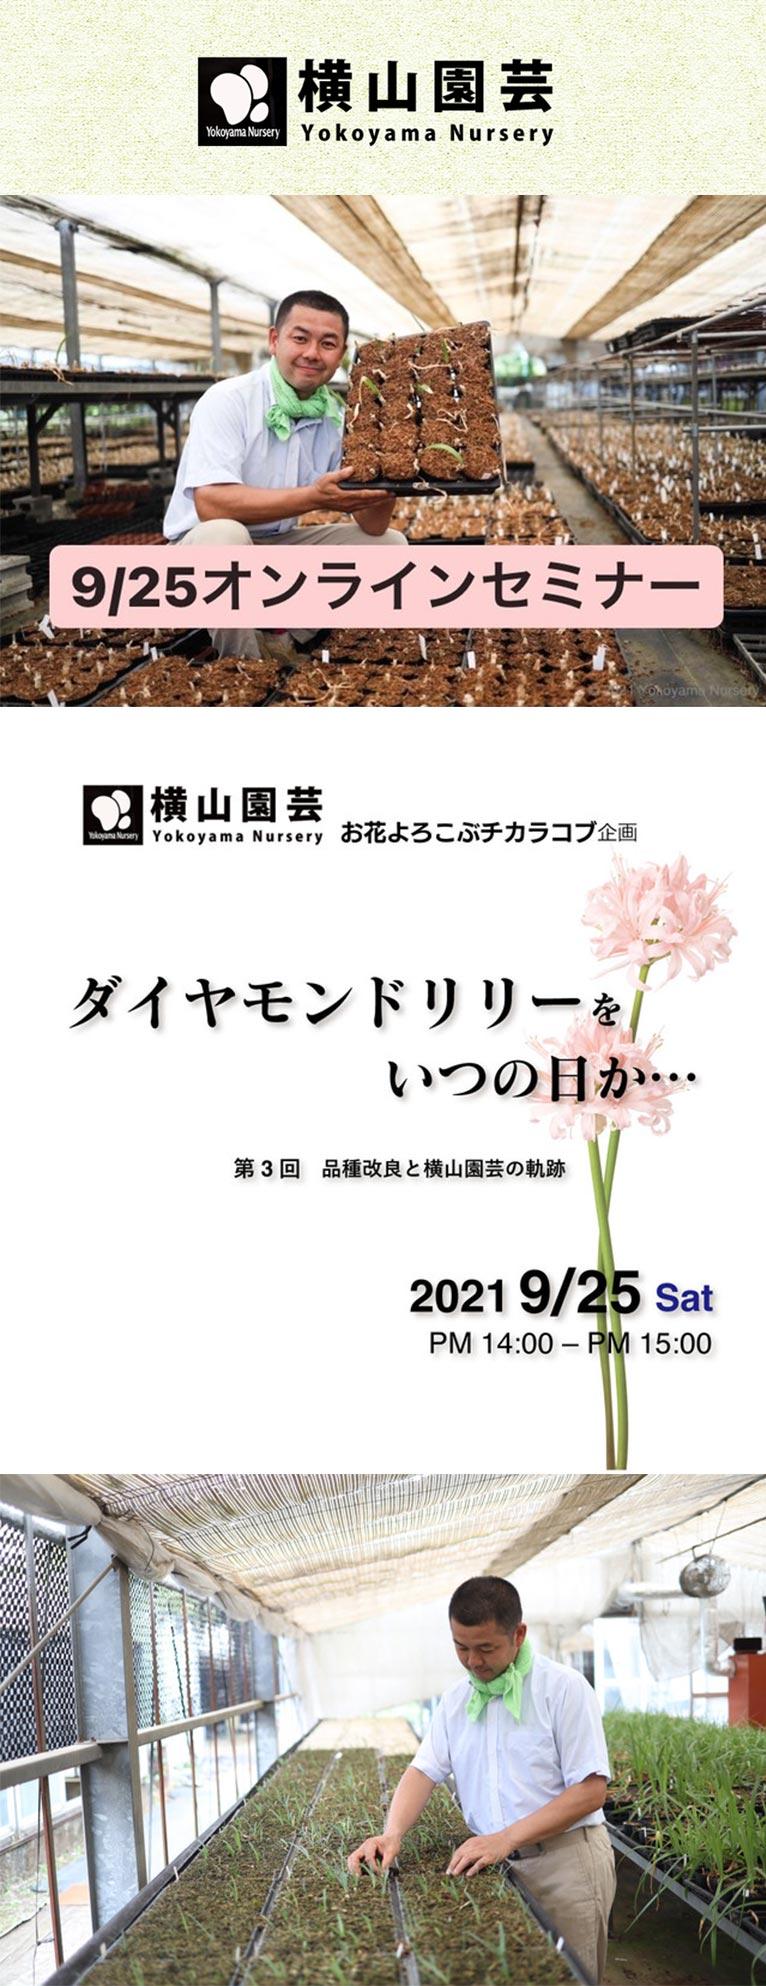 2021年9月25日オンラインセミナー横山園芸お花よろこぶチカラコブ企画ダイヤモンドリリーをいつの日か『第3回 品種改良と横山園芸の軌跡』